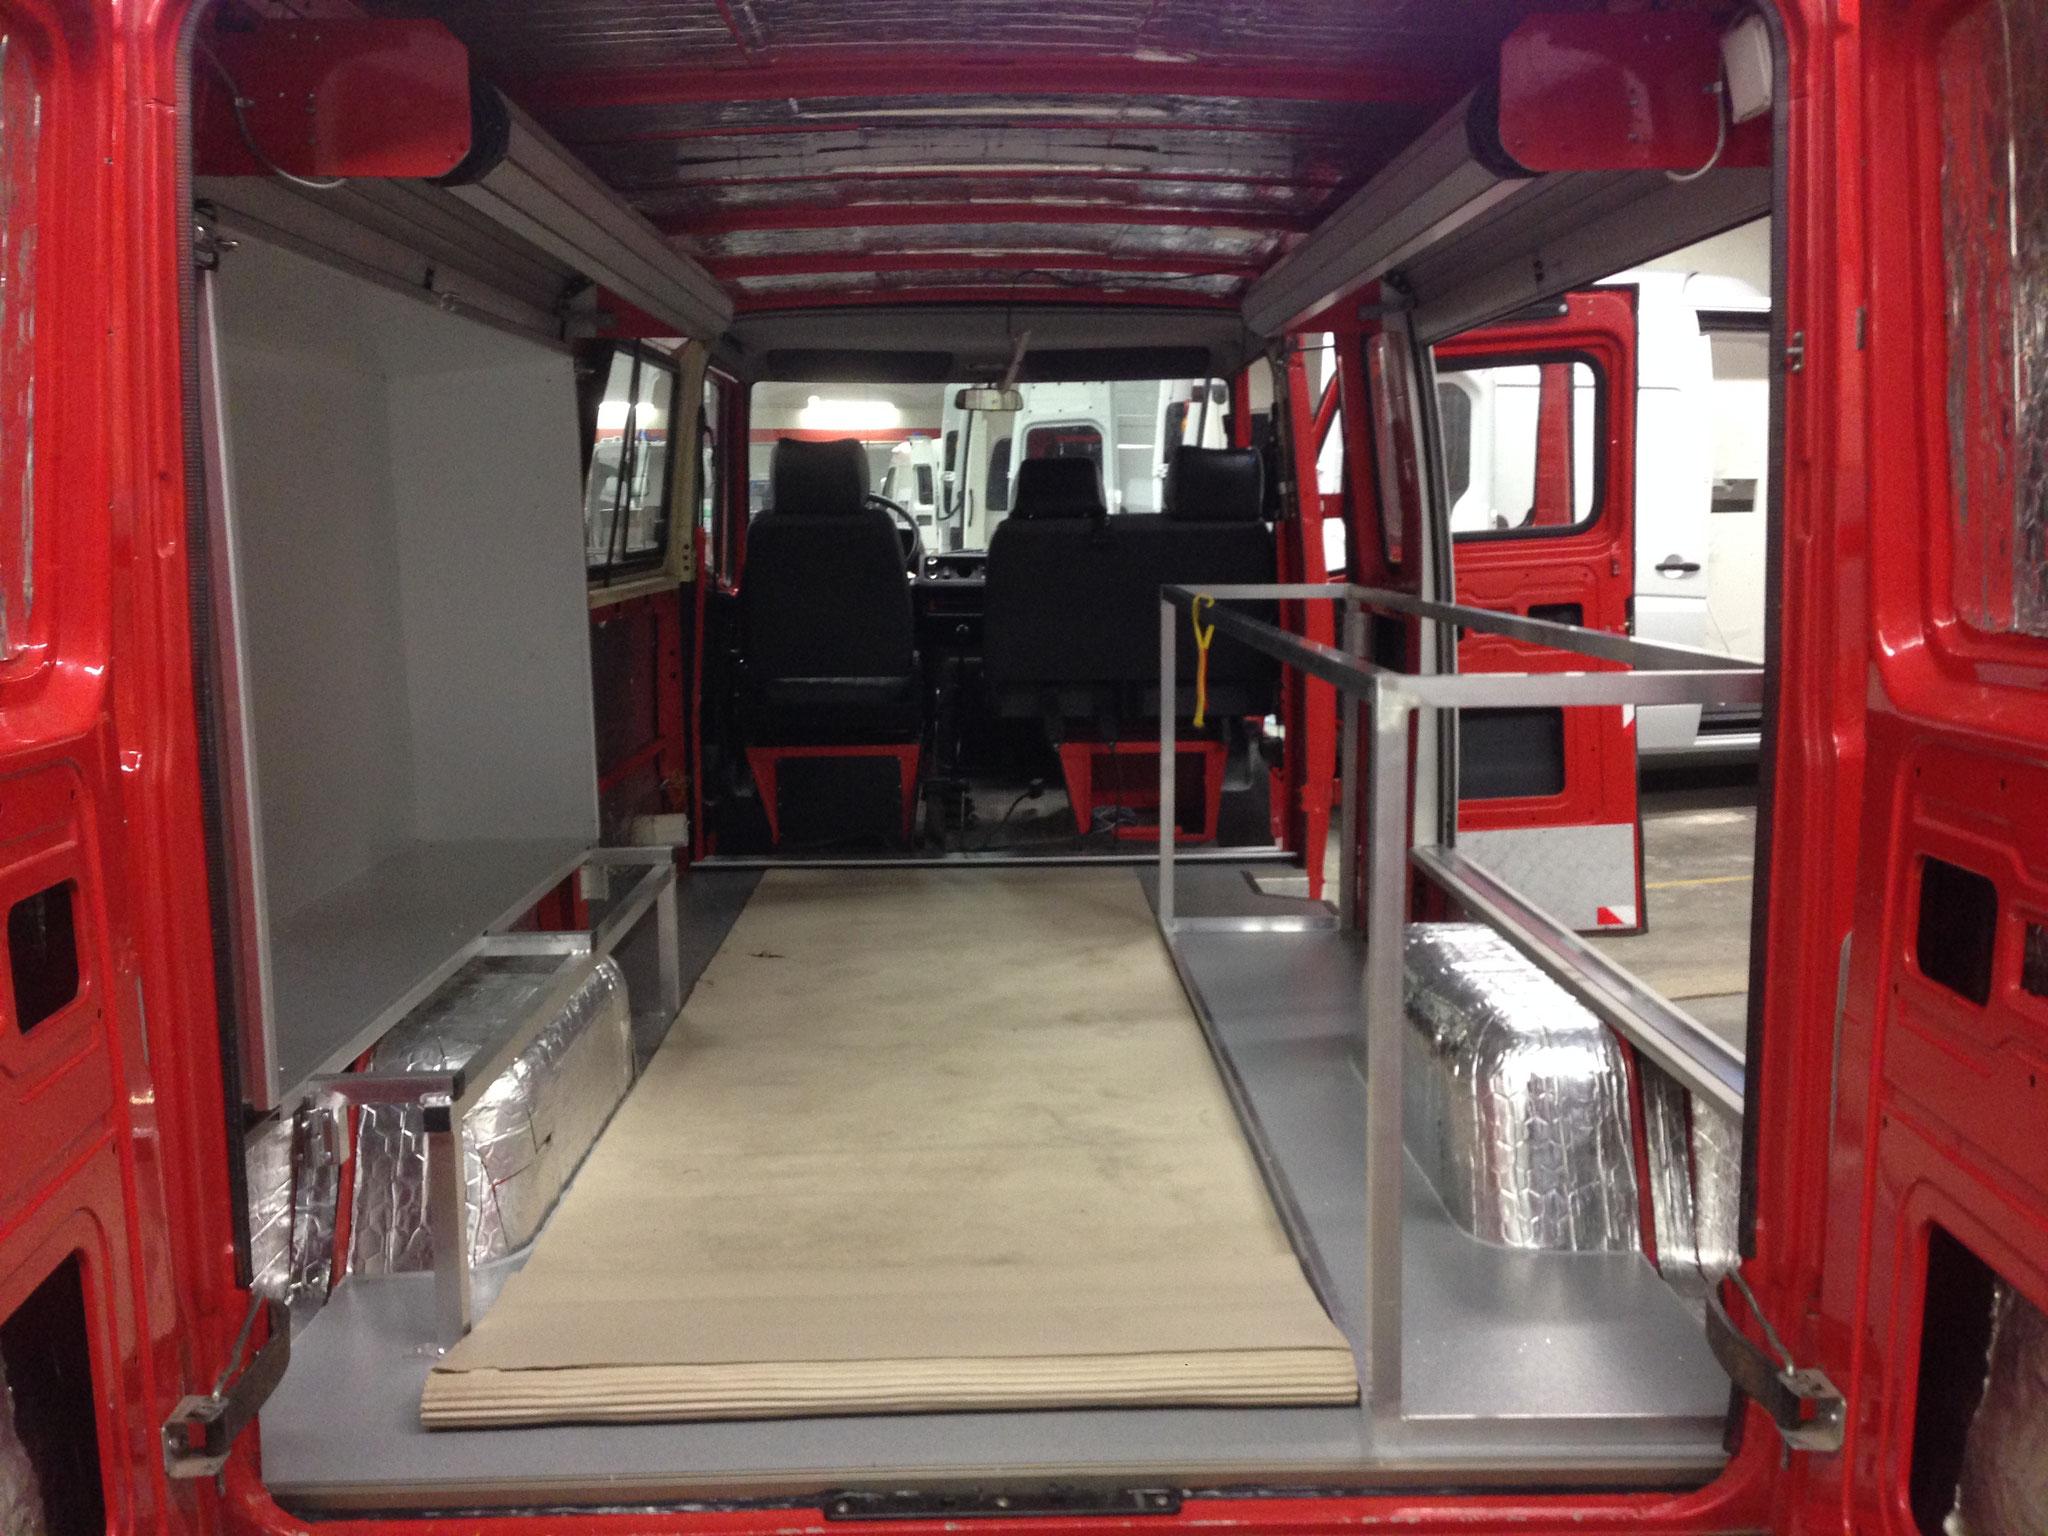 Küchengerüst (Alurahmen) und Slide-Out Kasten, Boden in der Qualität der Rettungswägen